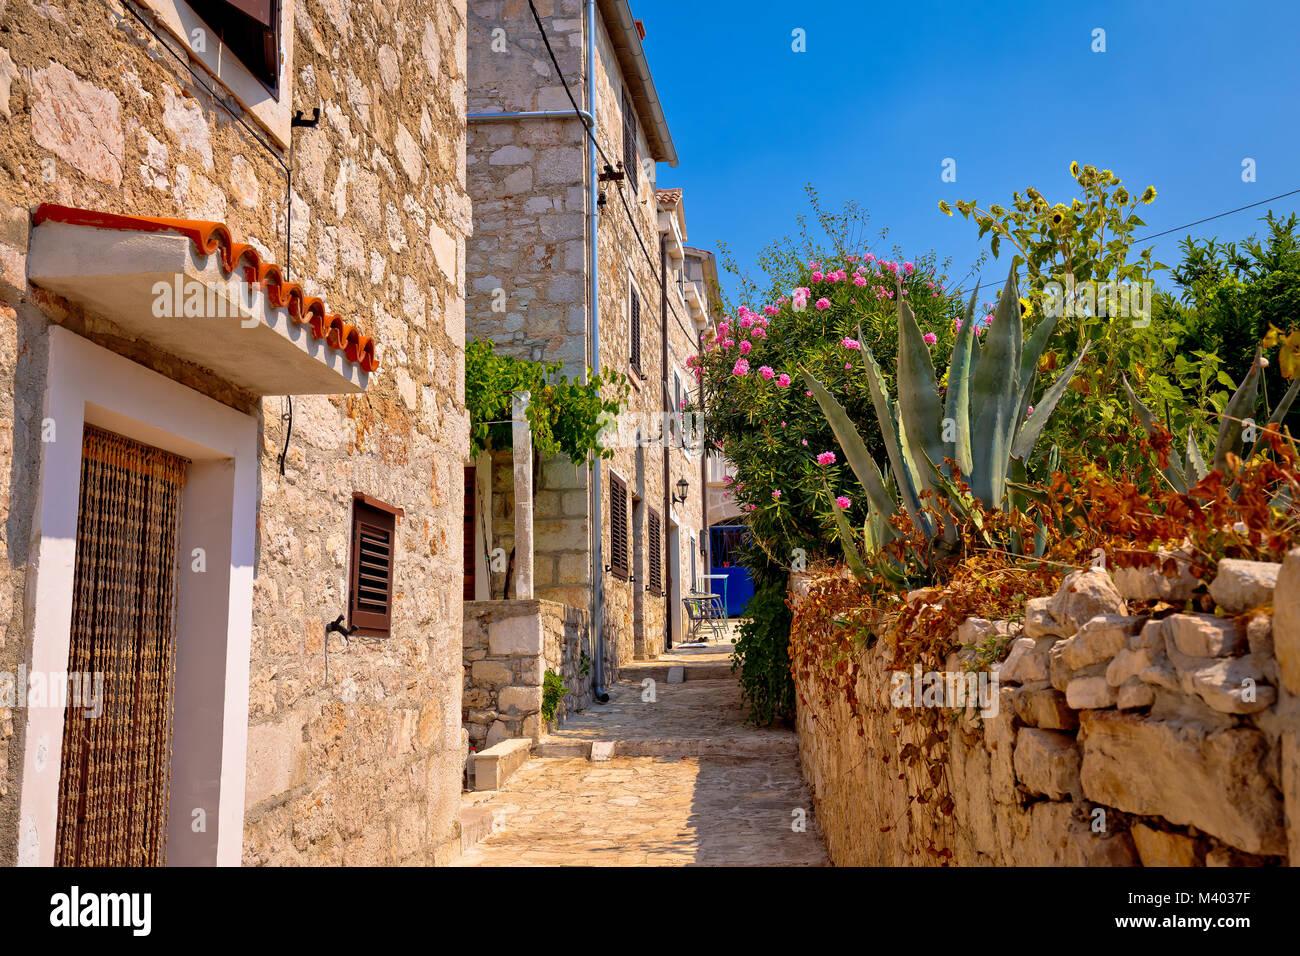 Farbenfrohe mediterrane Stein Straße der Insel Prvic, Archipel von Sibenik Kroatien Stockbild